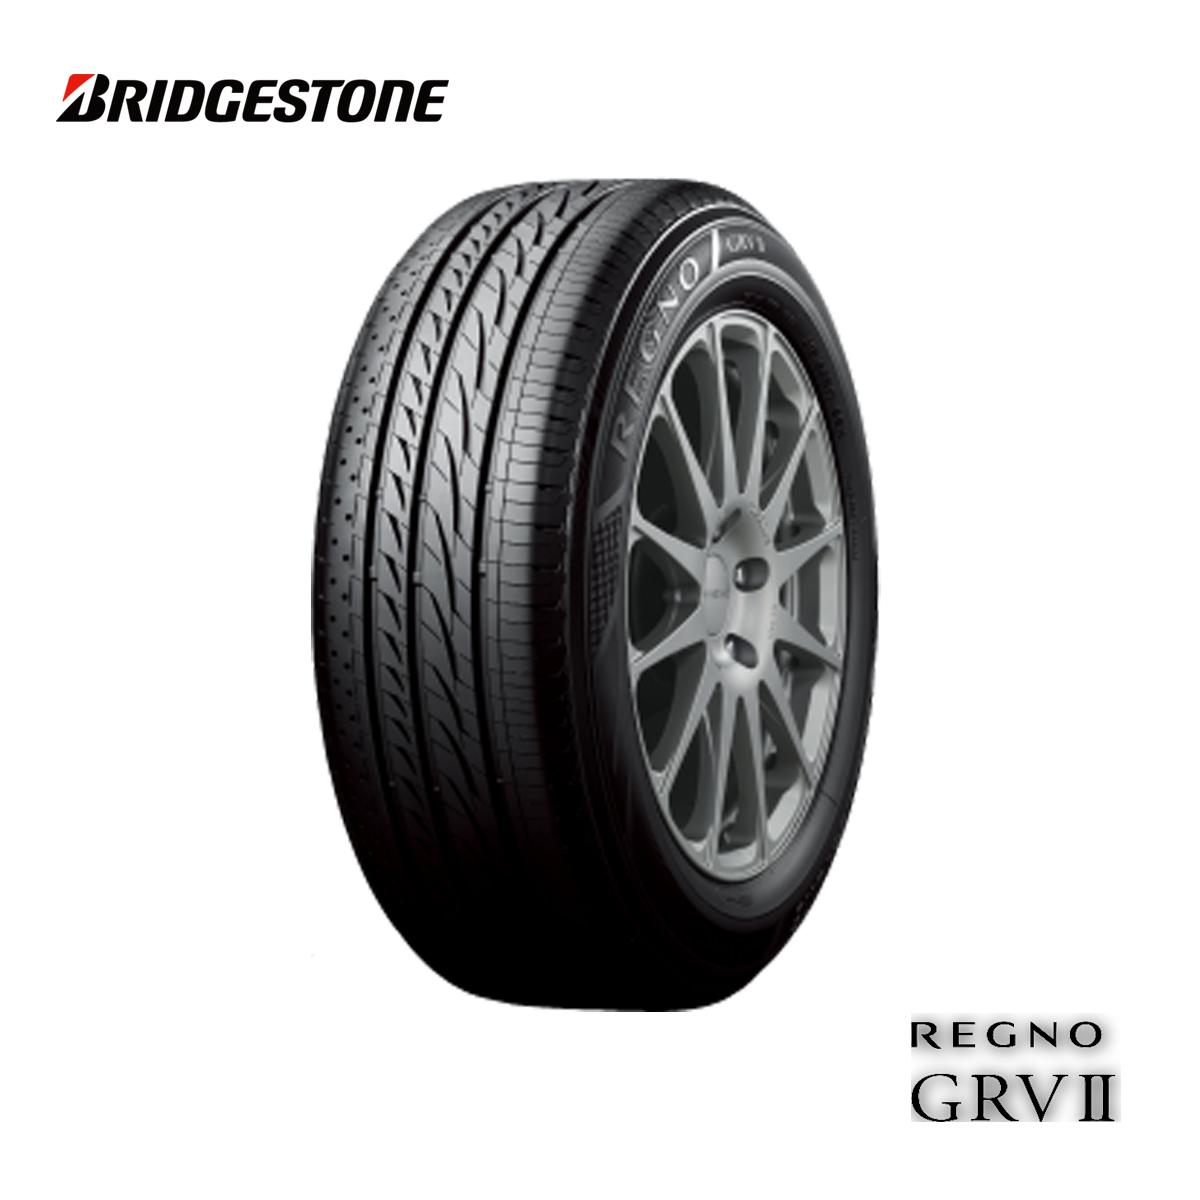 ブリヂストンBS18インチタイヤ245/45R182454518レグノサマータイヤ1本低燃費エコ夏サマータイヤ国産BRIDGESTONEREGNOGRVIIGRV2